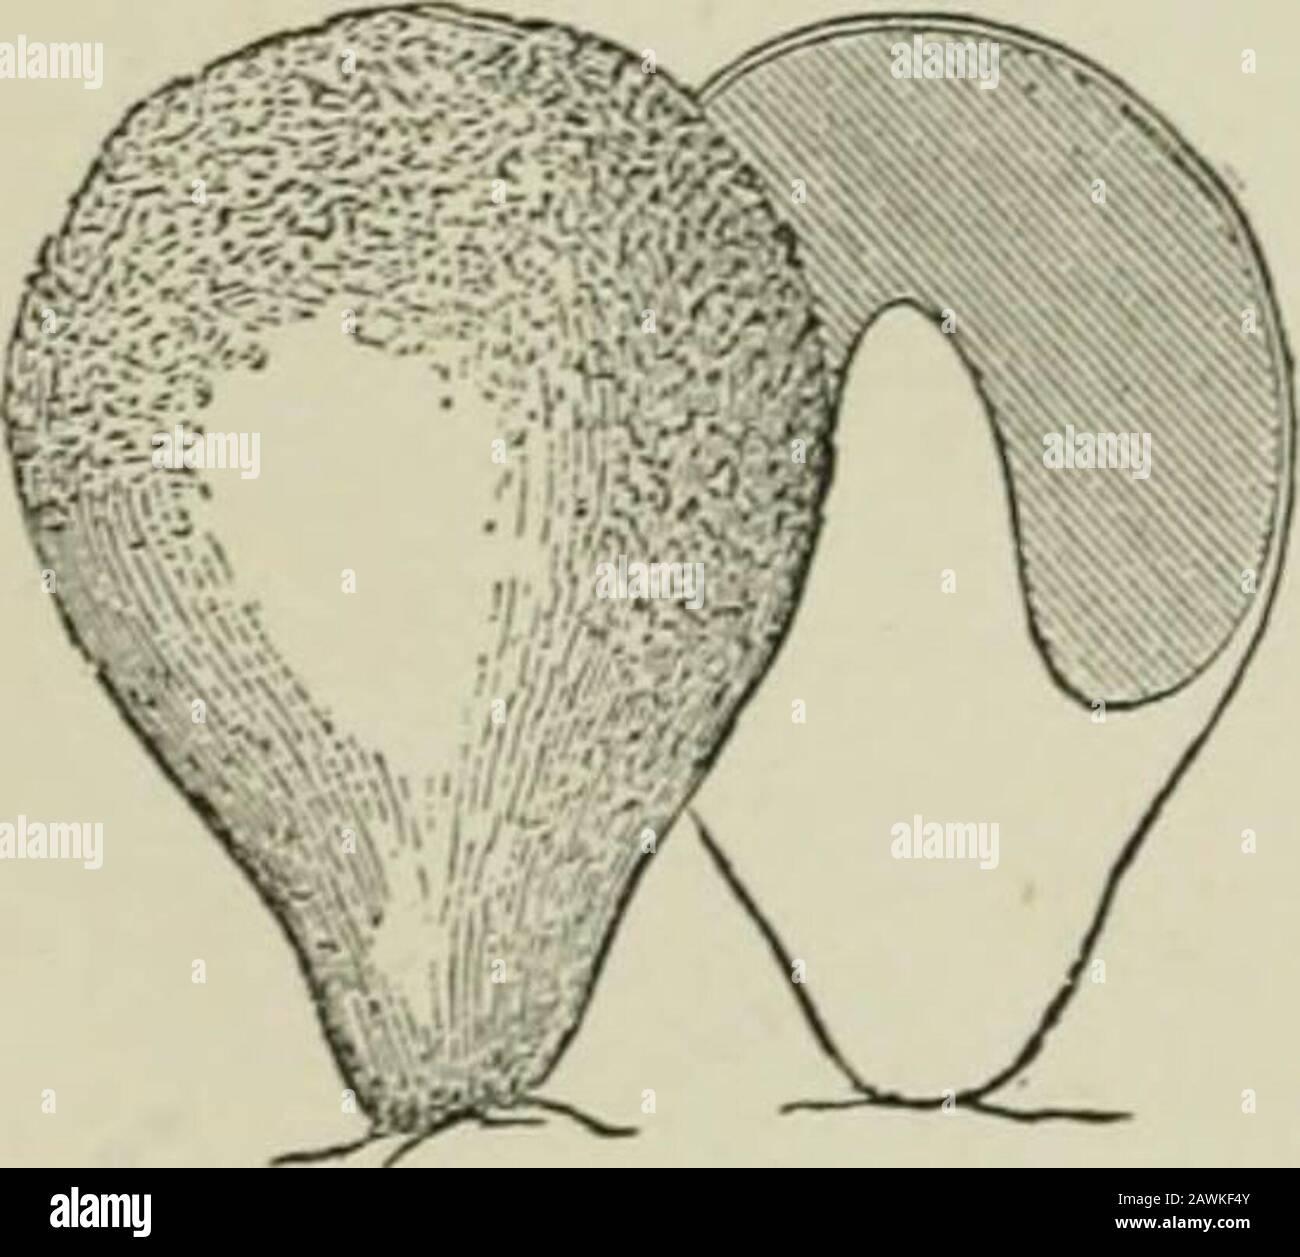 Introduzione allo studio dei funghi : la loro organografia, classificazione e distribuzione per l'uso di collettori . riaceo da Polystictus, e theothers sopra citato. La successiva forma di ricettacolo da additare è il peridio, che racchiude completamente gli organi riproduttivi, e può anche essere supportato su un distinto carpophore, o può essere sessileon il micelio, o investito da esso, come in alcune specie sotterranee. I Gastromycetes forniscono questo tipo di ricettacolo, che è molto spesso doppio, typicallyglobose, il rivestimento esterno o exoperidiumessendo una continuazione del cortexof del carpophore quando Foto Stock